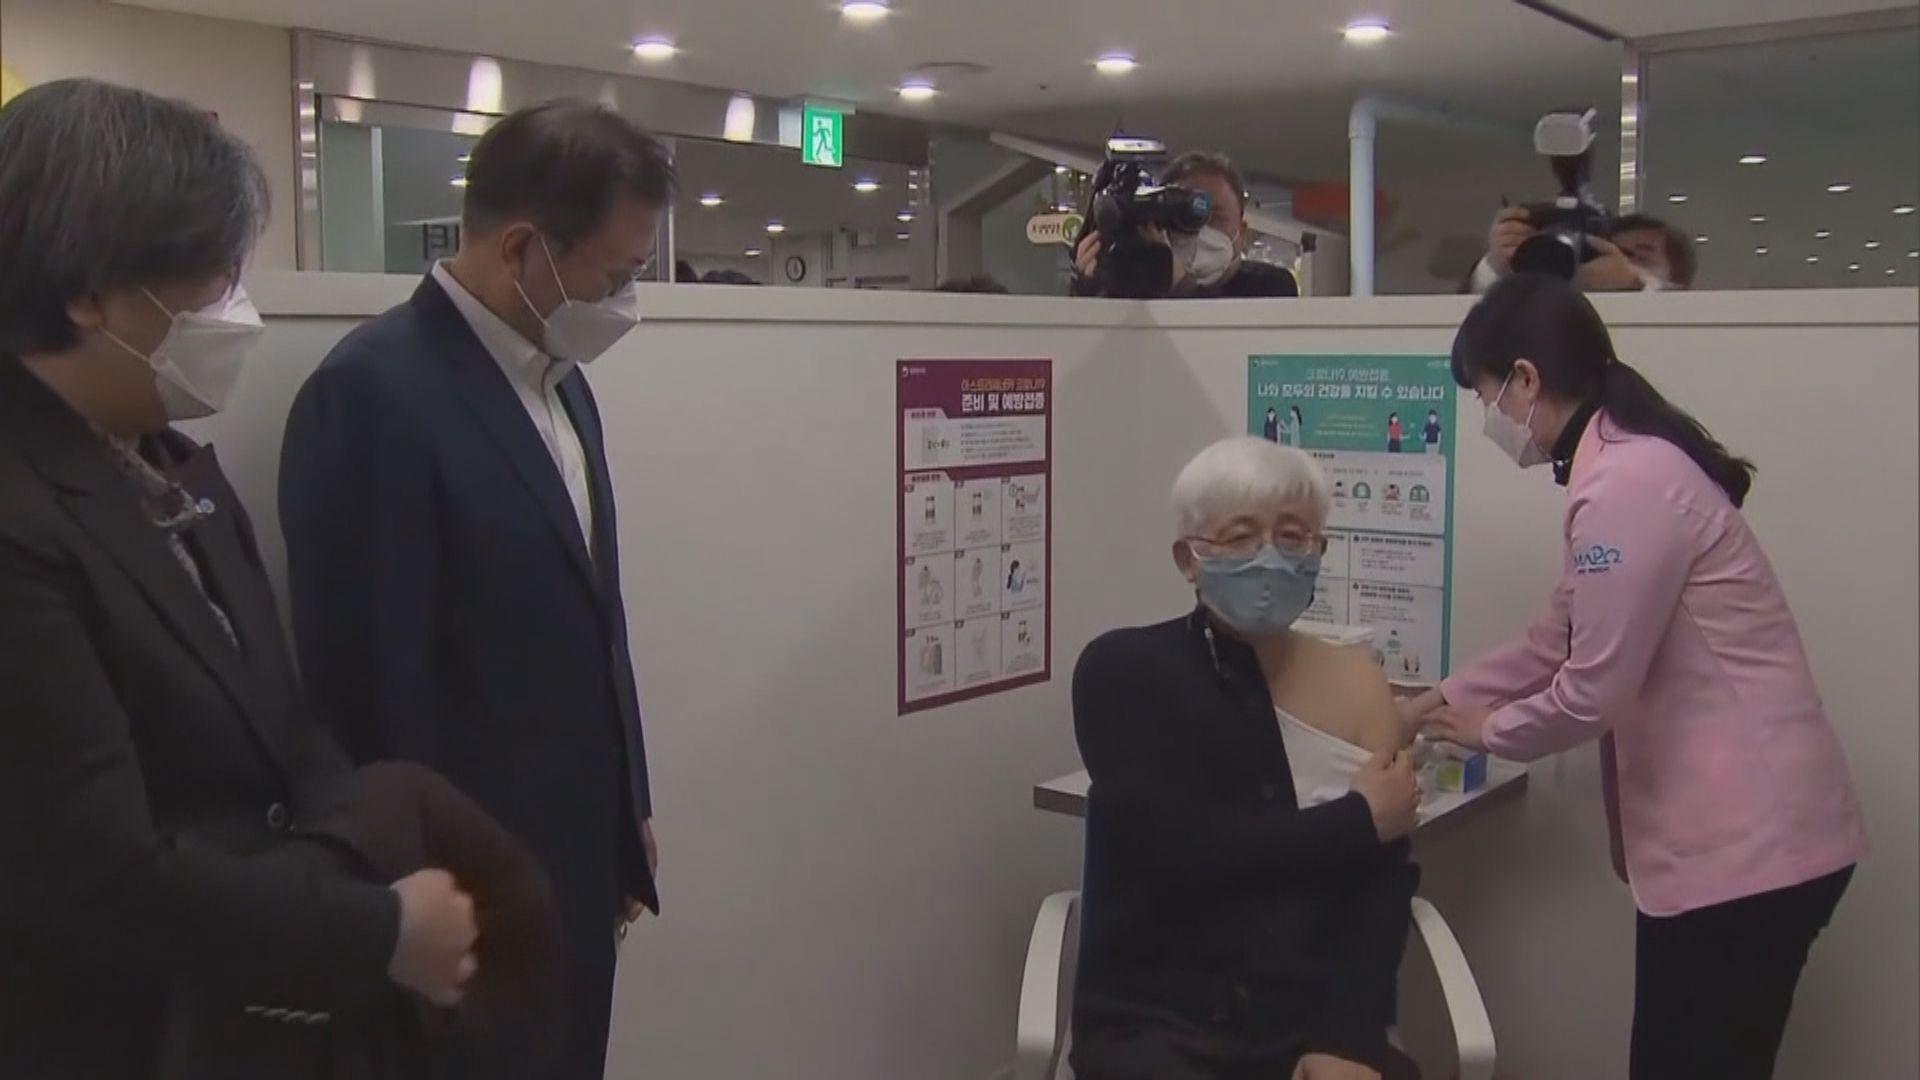 南韓增疑似疫苗異常反應806宗 再多一人死亡